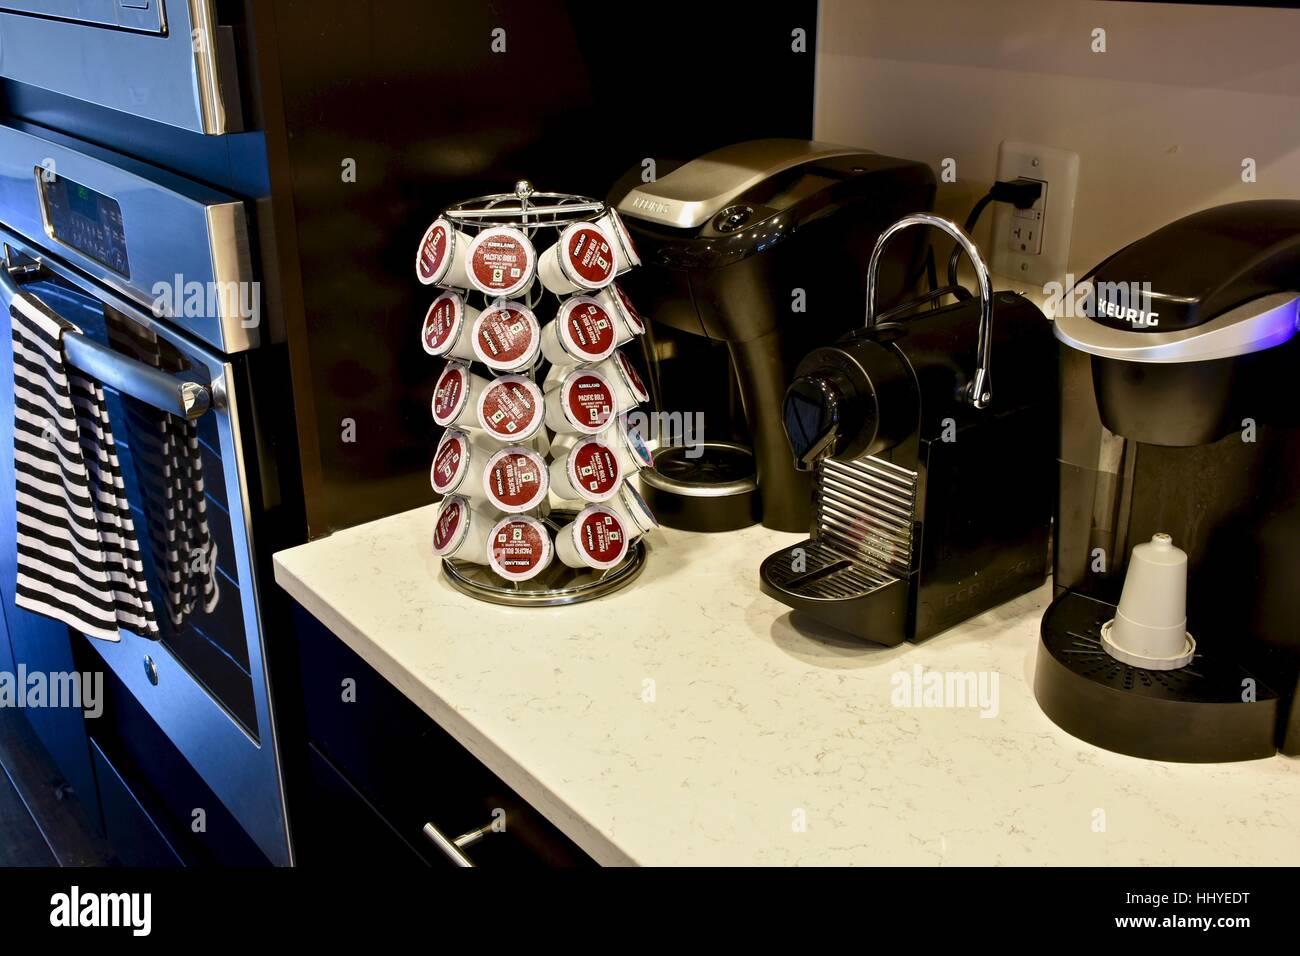 Eine Moderne Küche Mit Zwei Keurig Kaffee Maschinen Und Eine